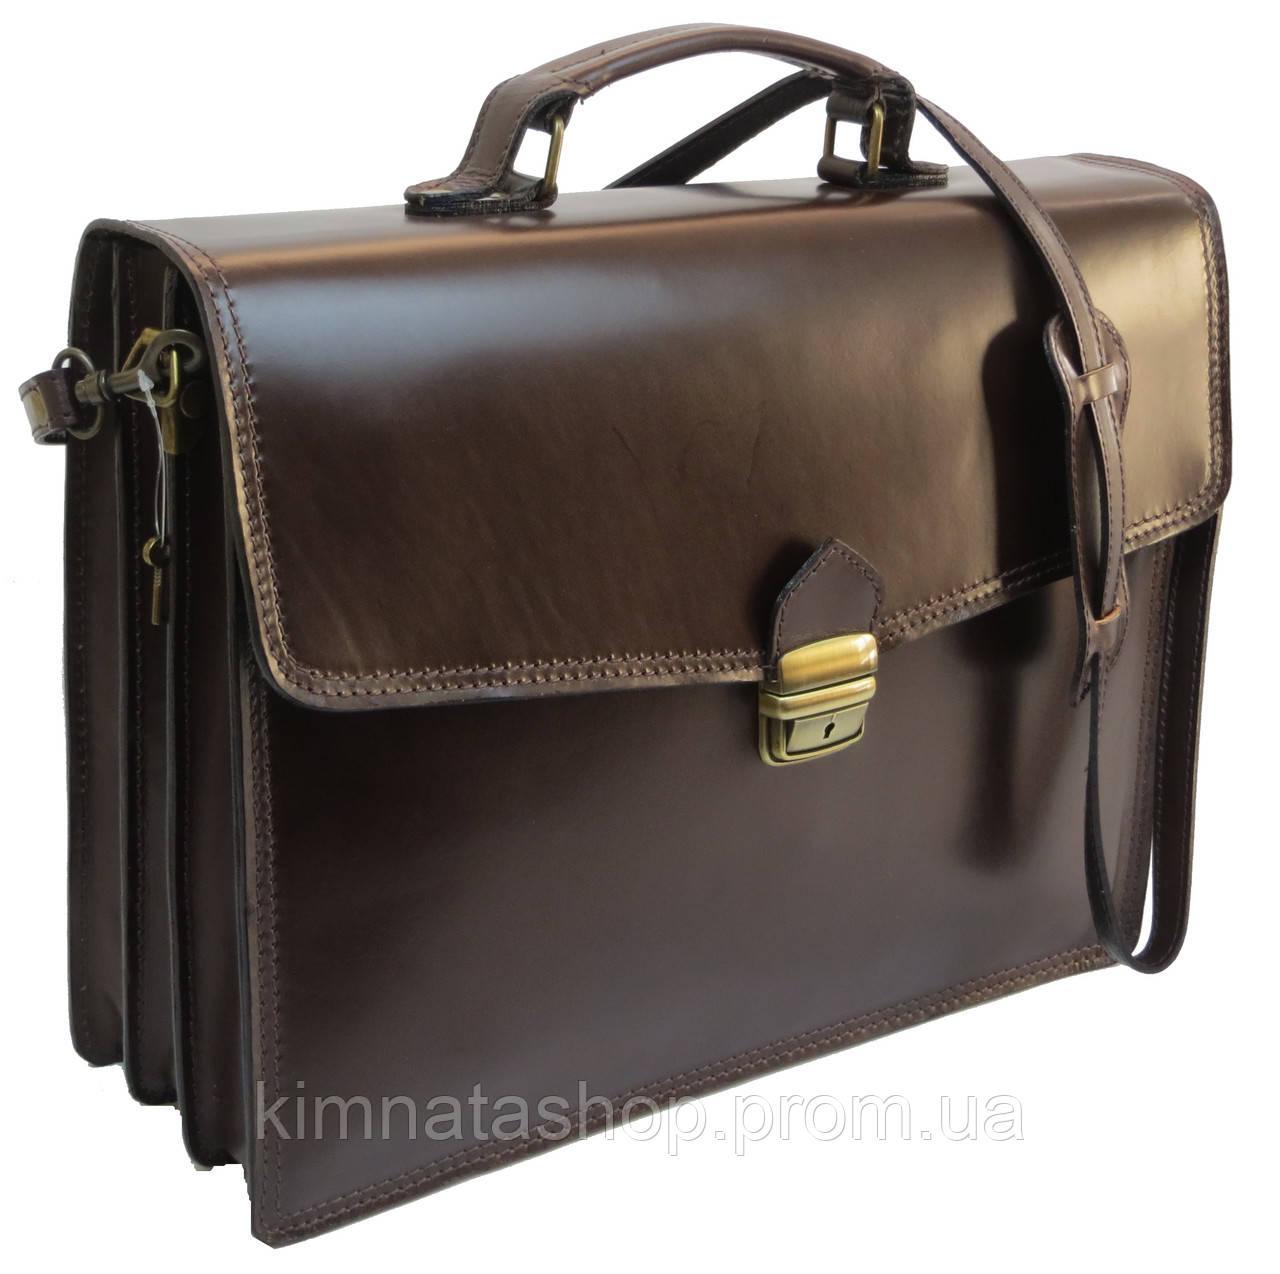 Портфель мужской из натуральной кожи TOMSKOR 81567 коричневый